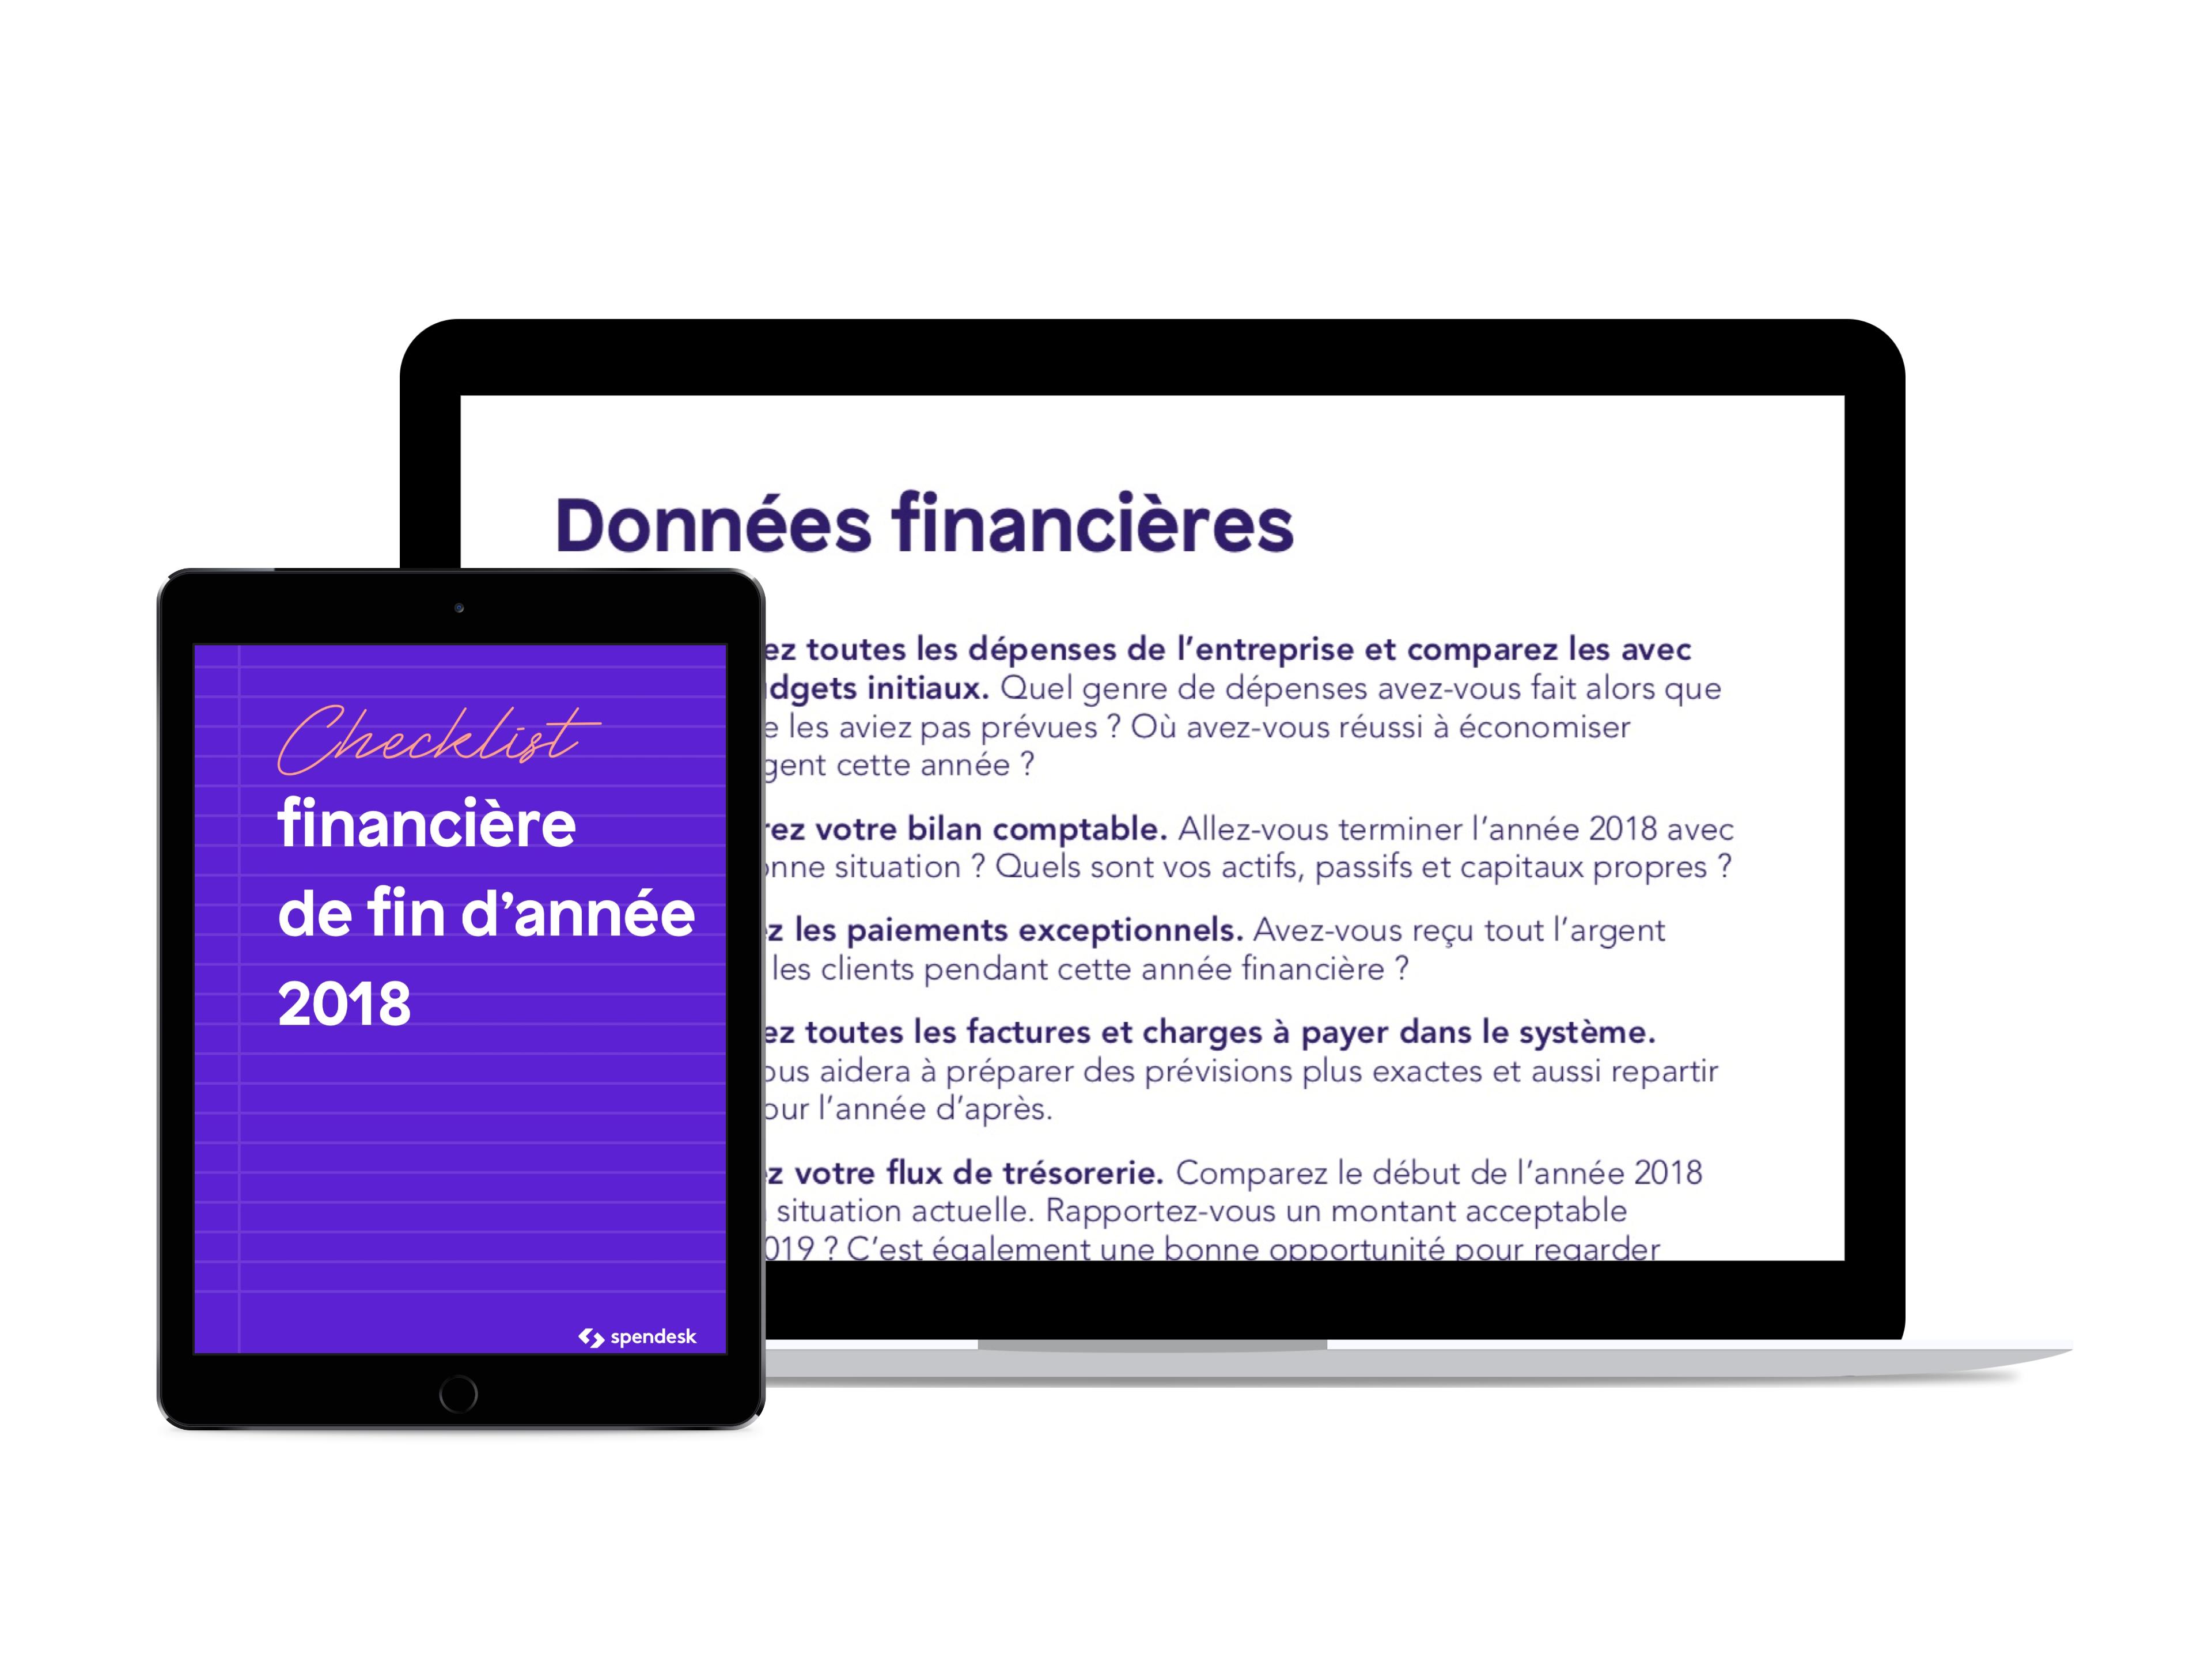 checklist-financiere-fin-annee-2018